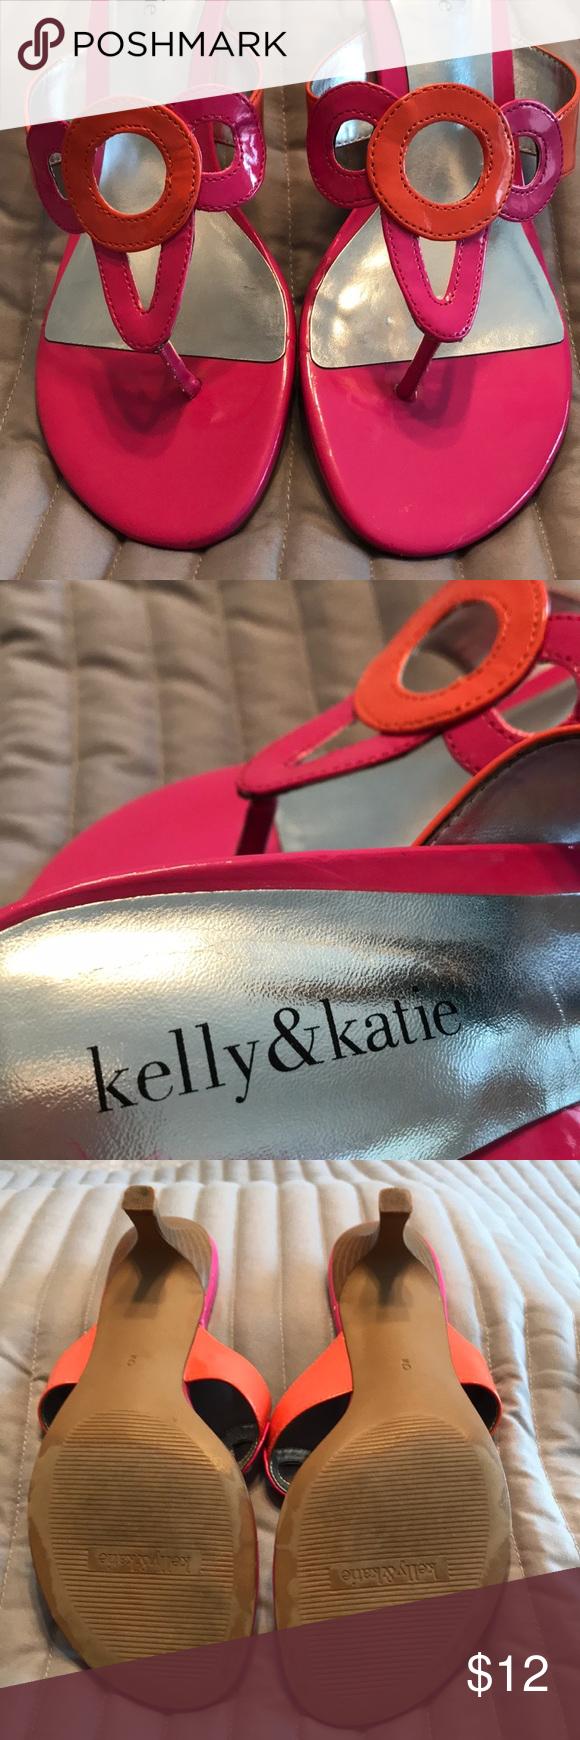 Kelly Katie Kitten Heel Sandals Size 9 Kitten Heel Sandals Kelly Katie Kitten Heels